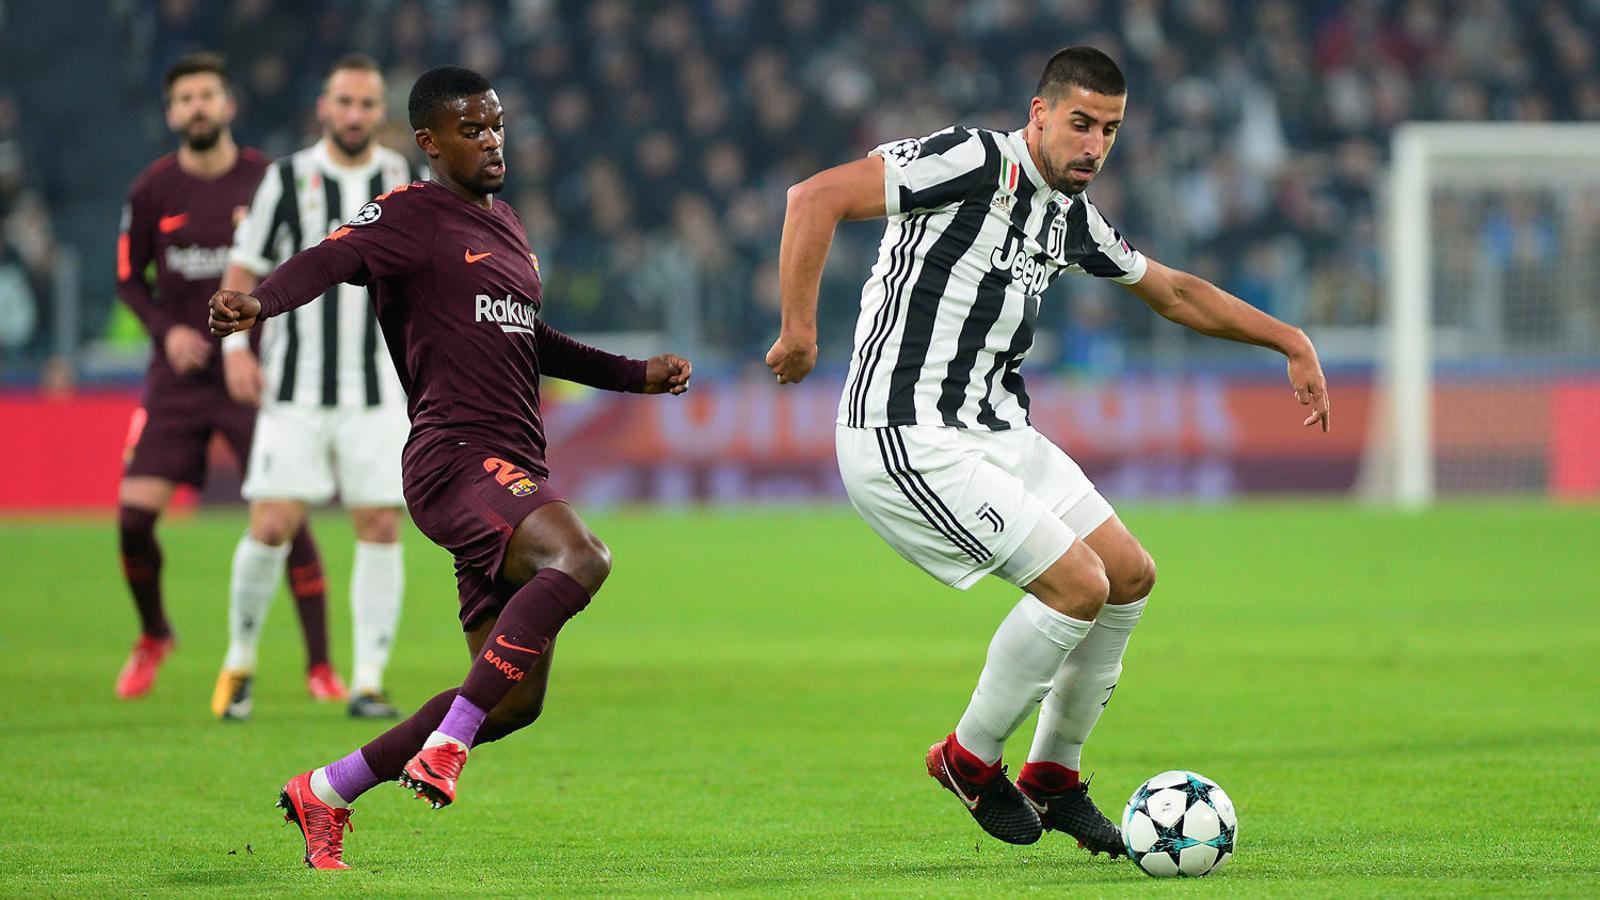 Semedo, pressionant Khedira, en una acció del Juventus-Barça de dimecres a Torí.